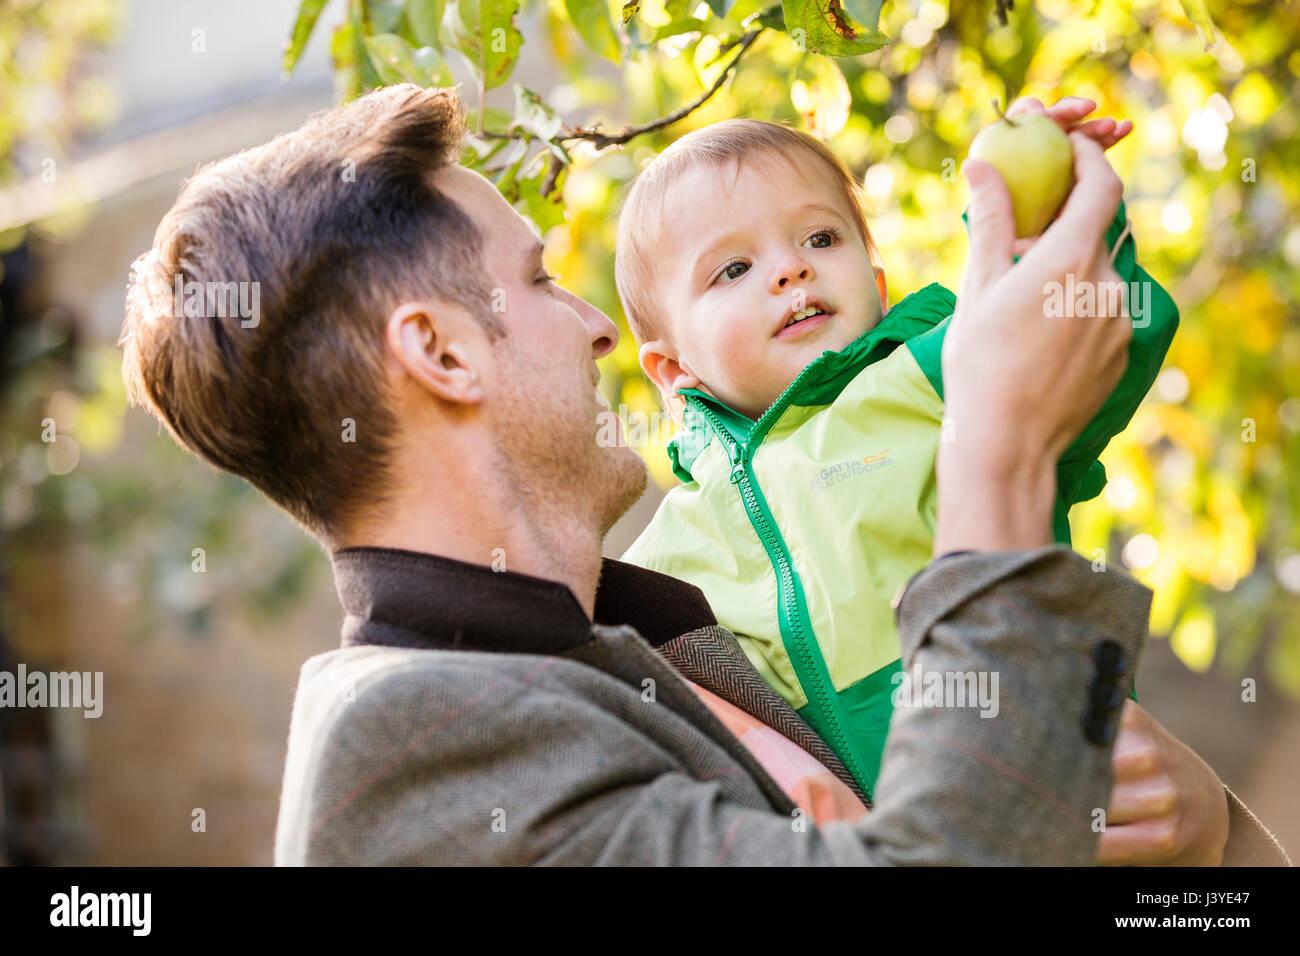 Padre e Hijo niño recogiendo una manzana en el jardín Imagen De Stock